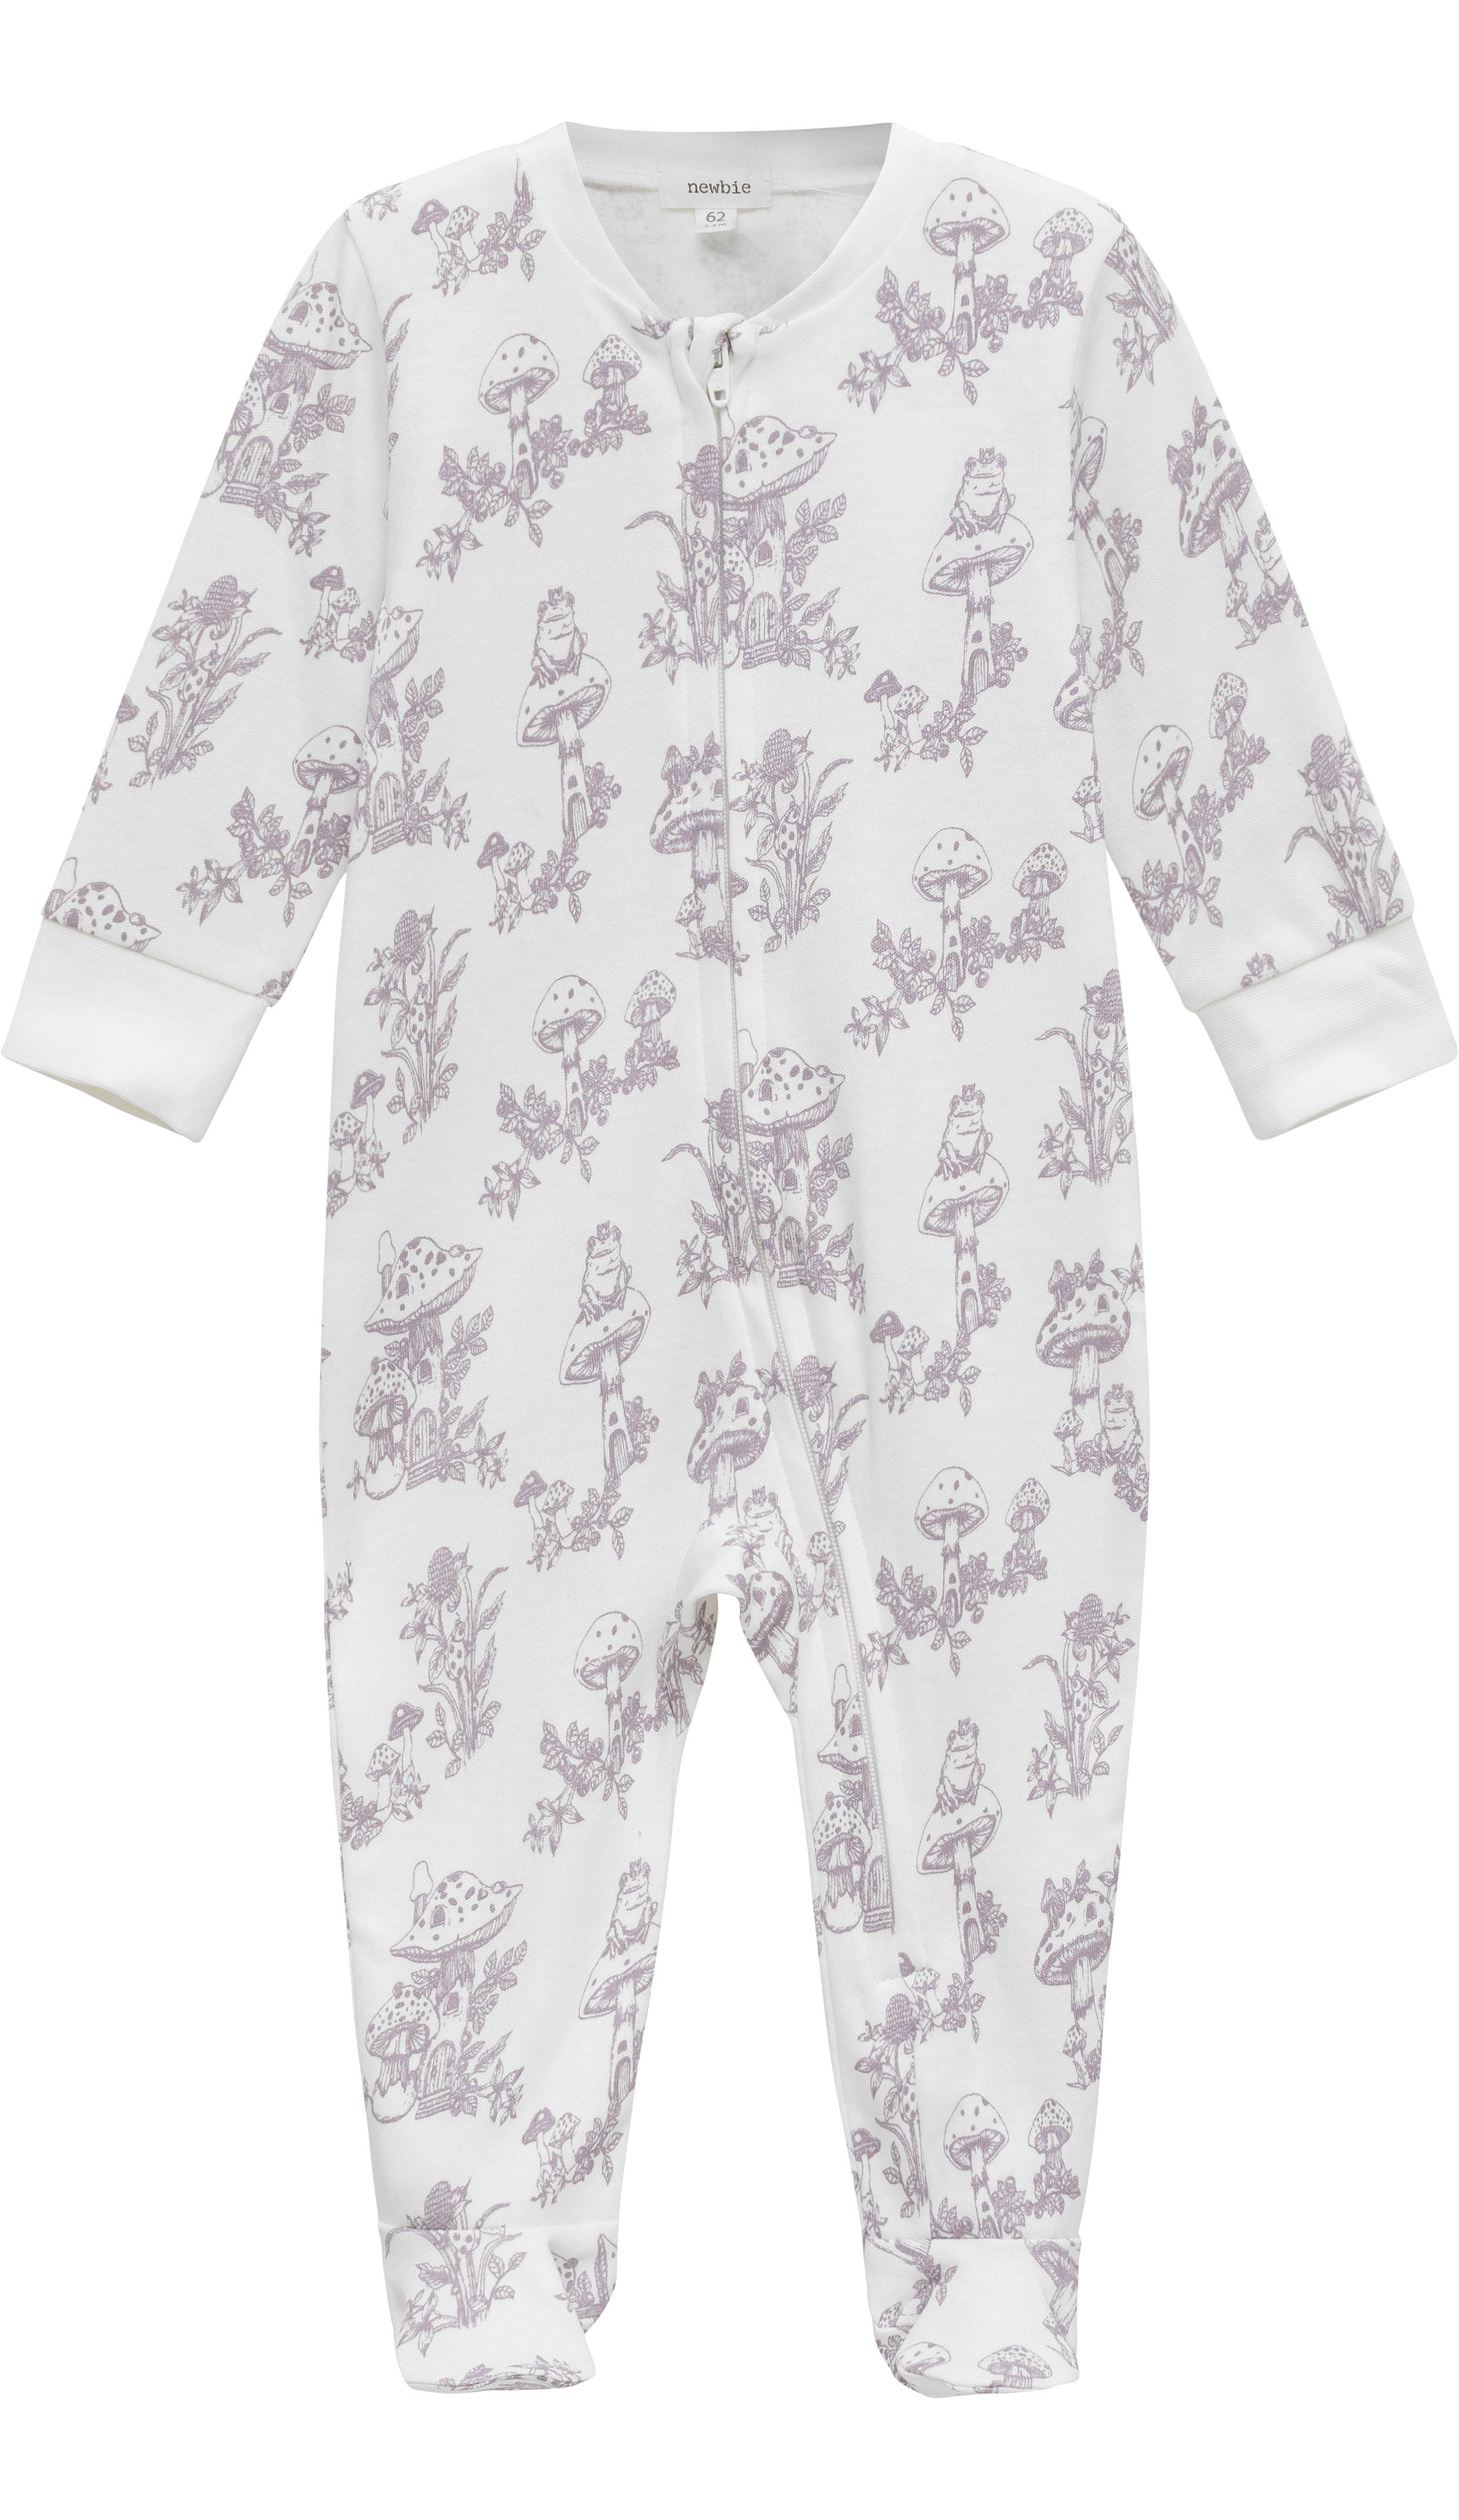 kappahl newbie pyjamas